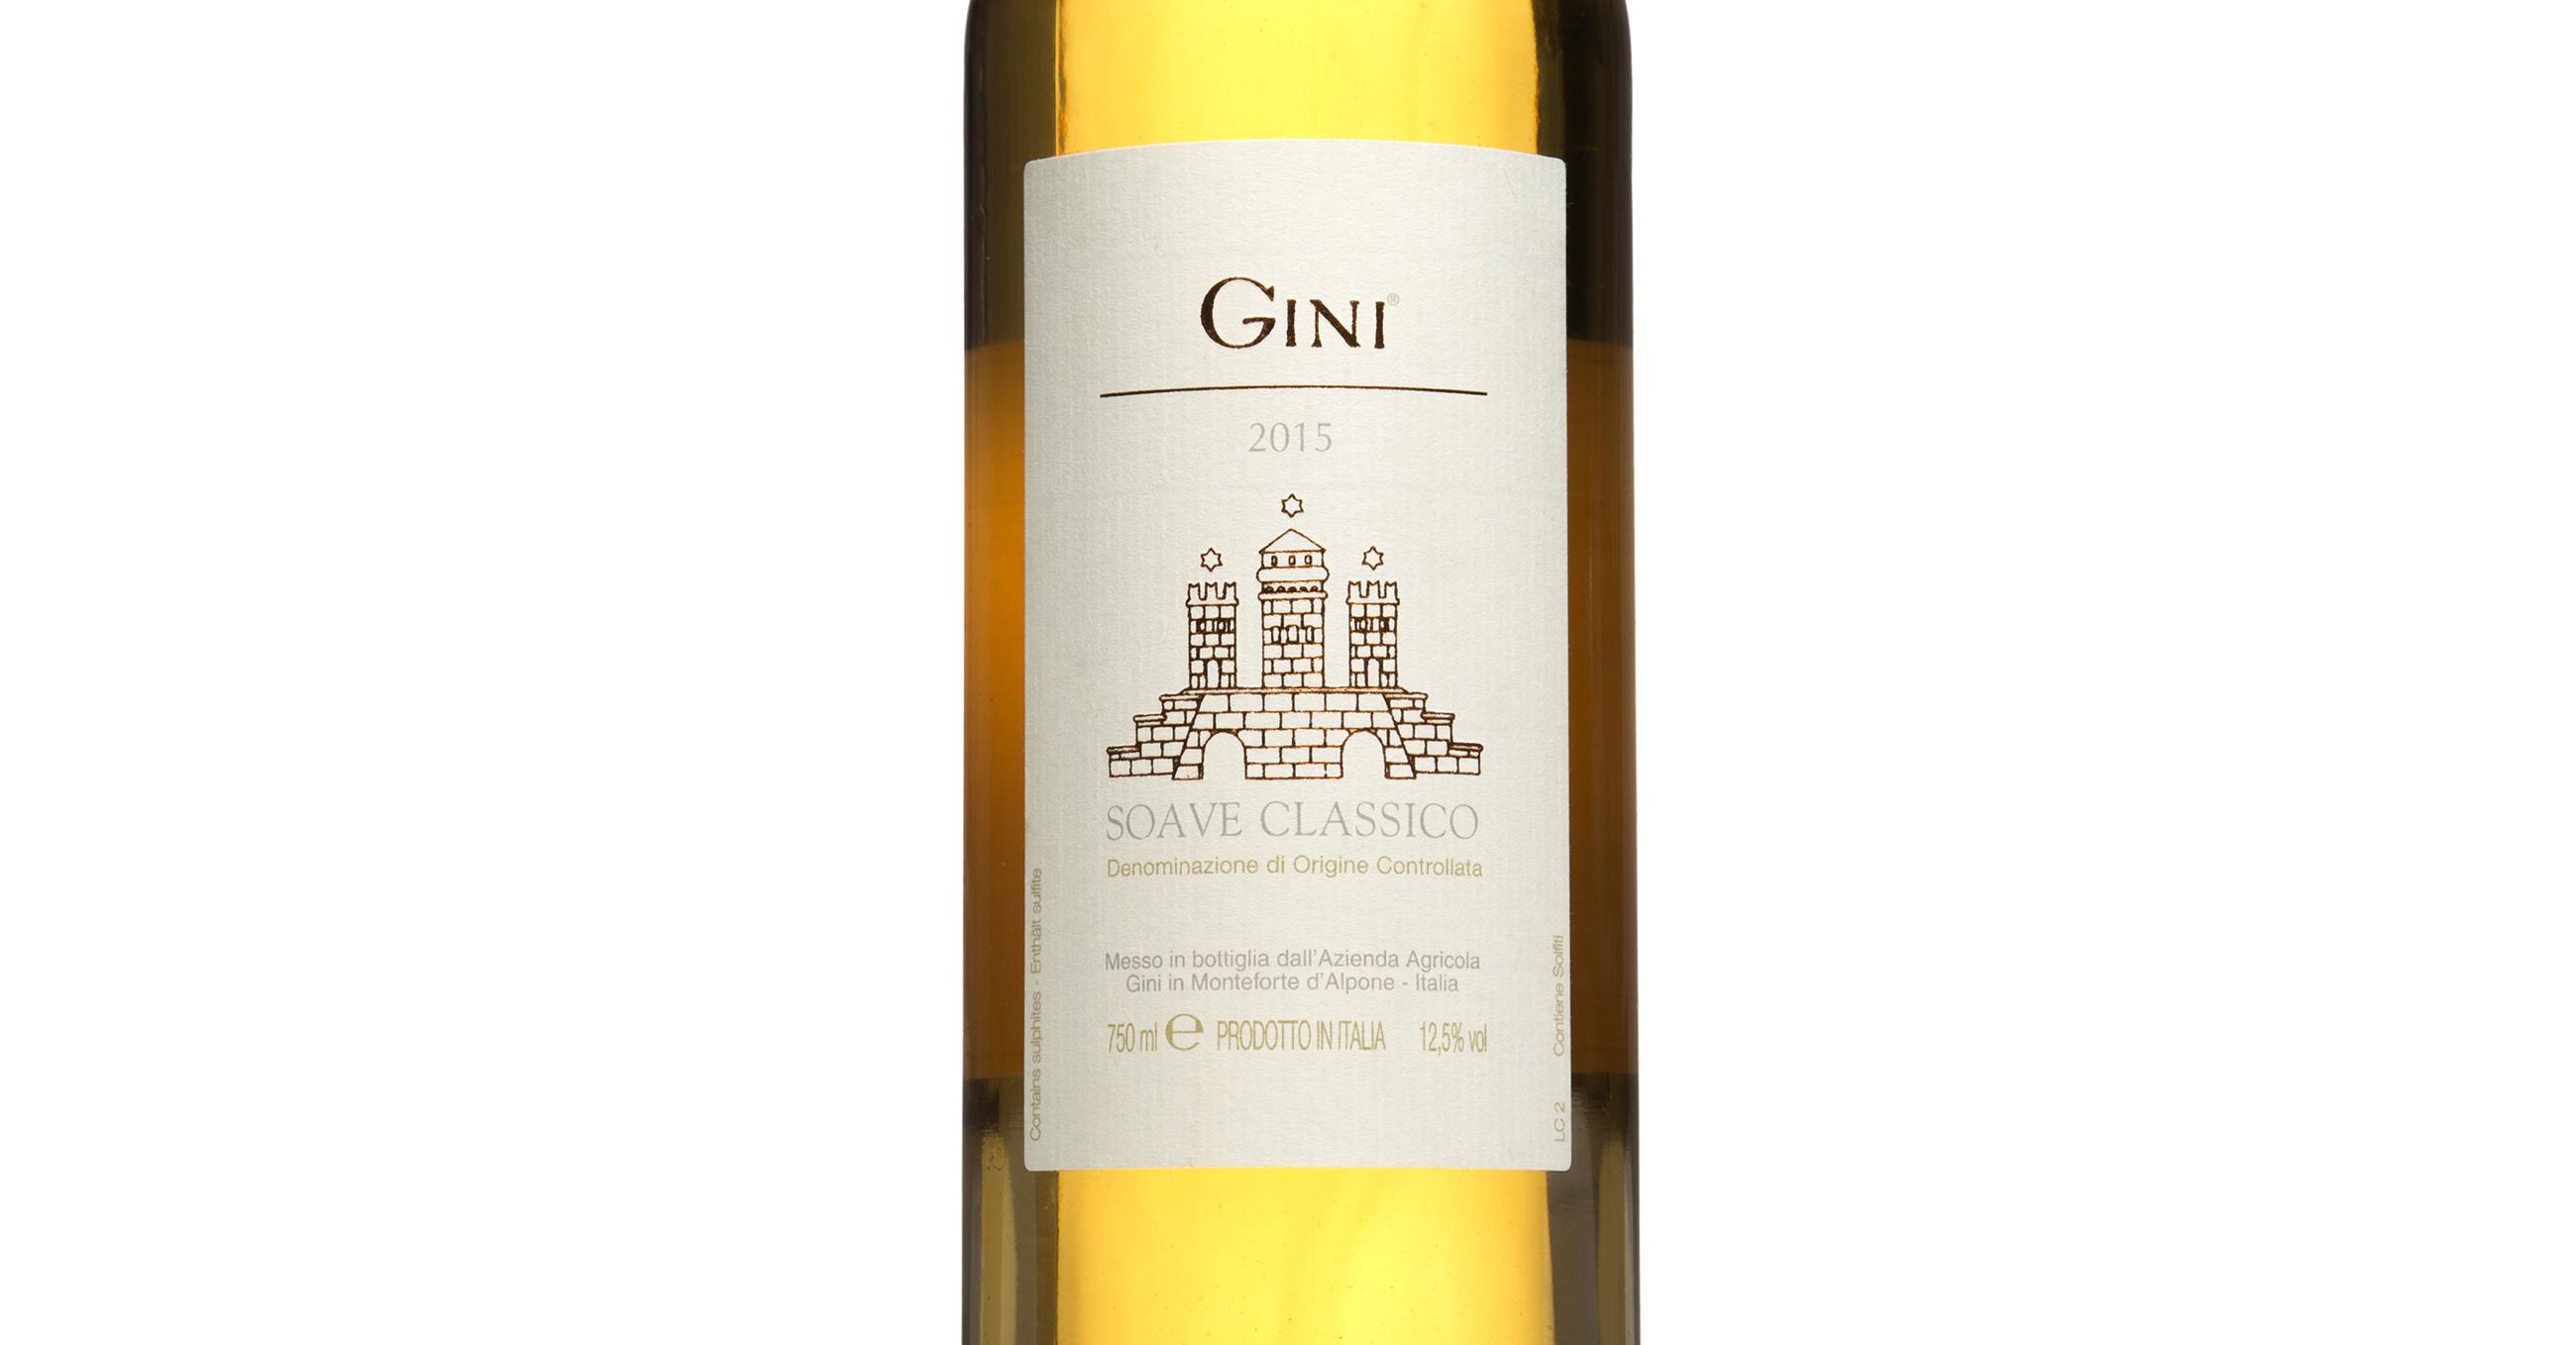 gini-soave-classico-2015_m